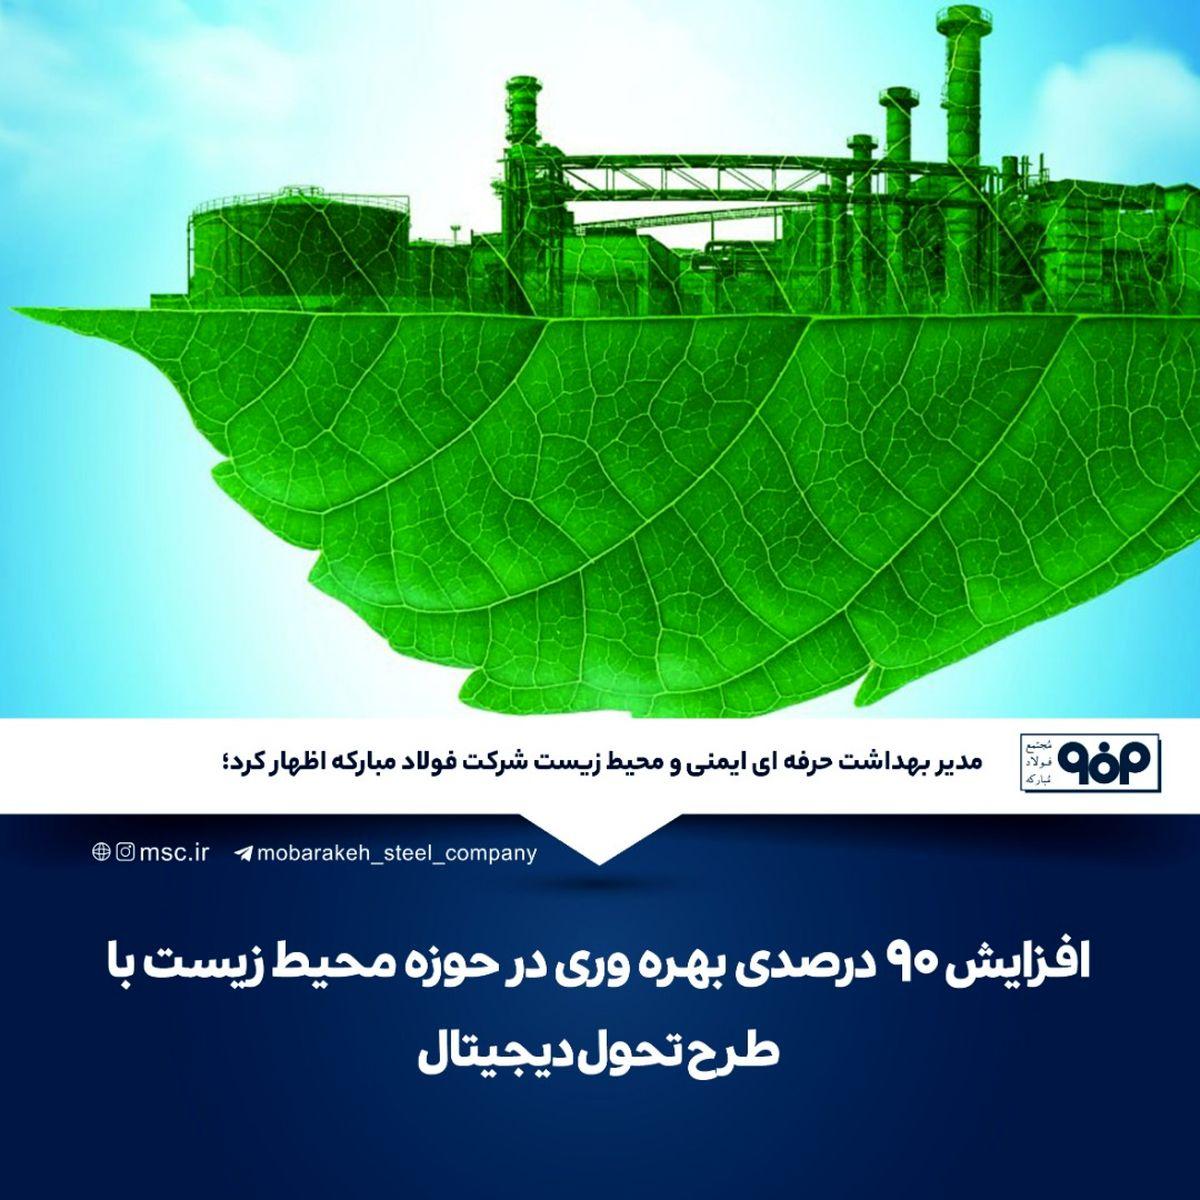 افزایش ۹۰درصدی بهره وری در حوزه محیط زیست با طرح تحول دیجیتال فولاد مبارکه